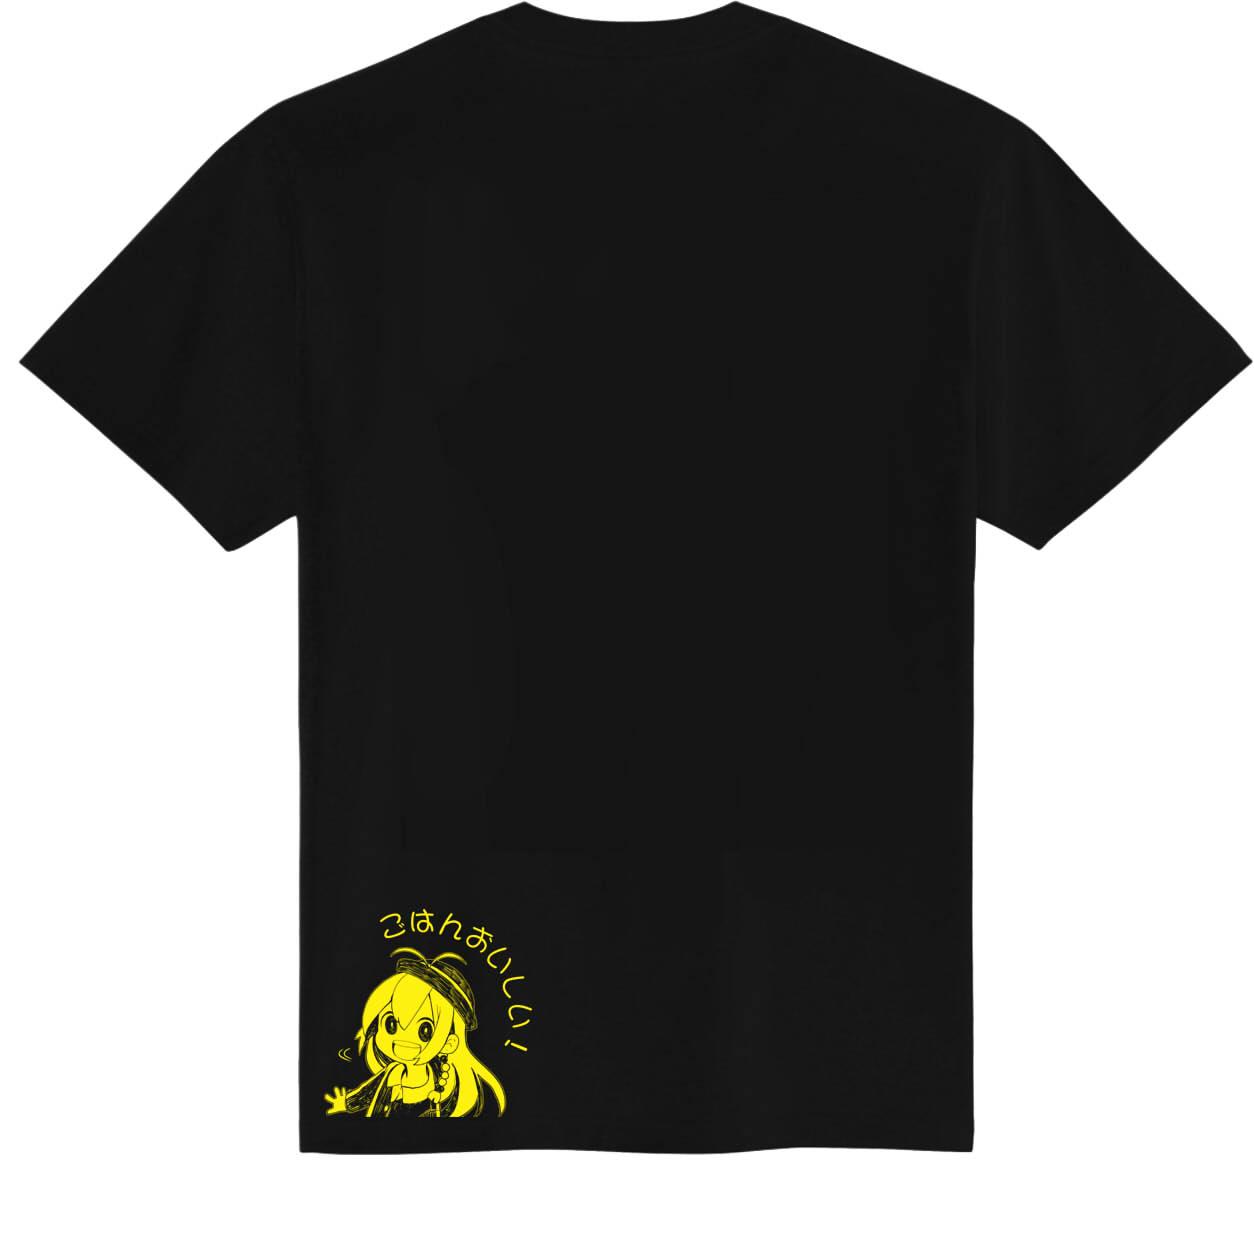 弦巻マキ ごはんおいしいTシャツ